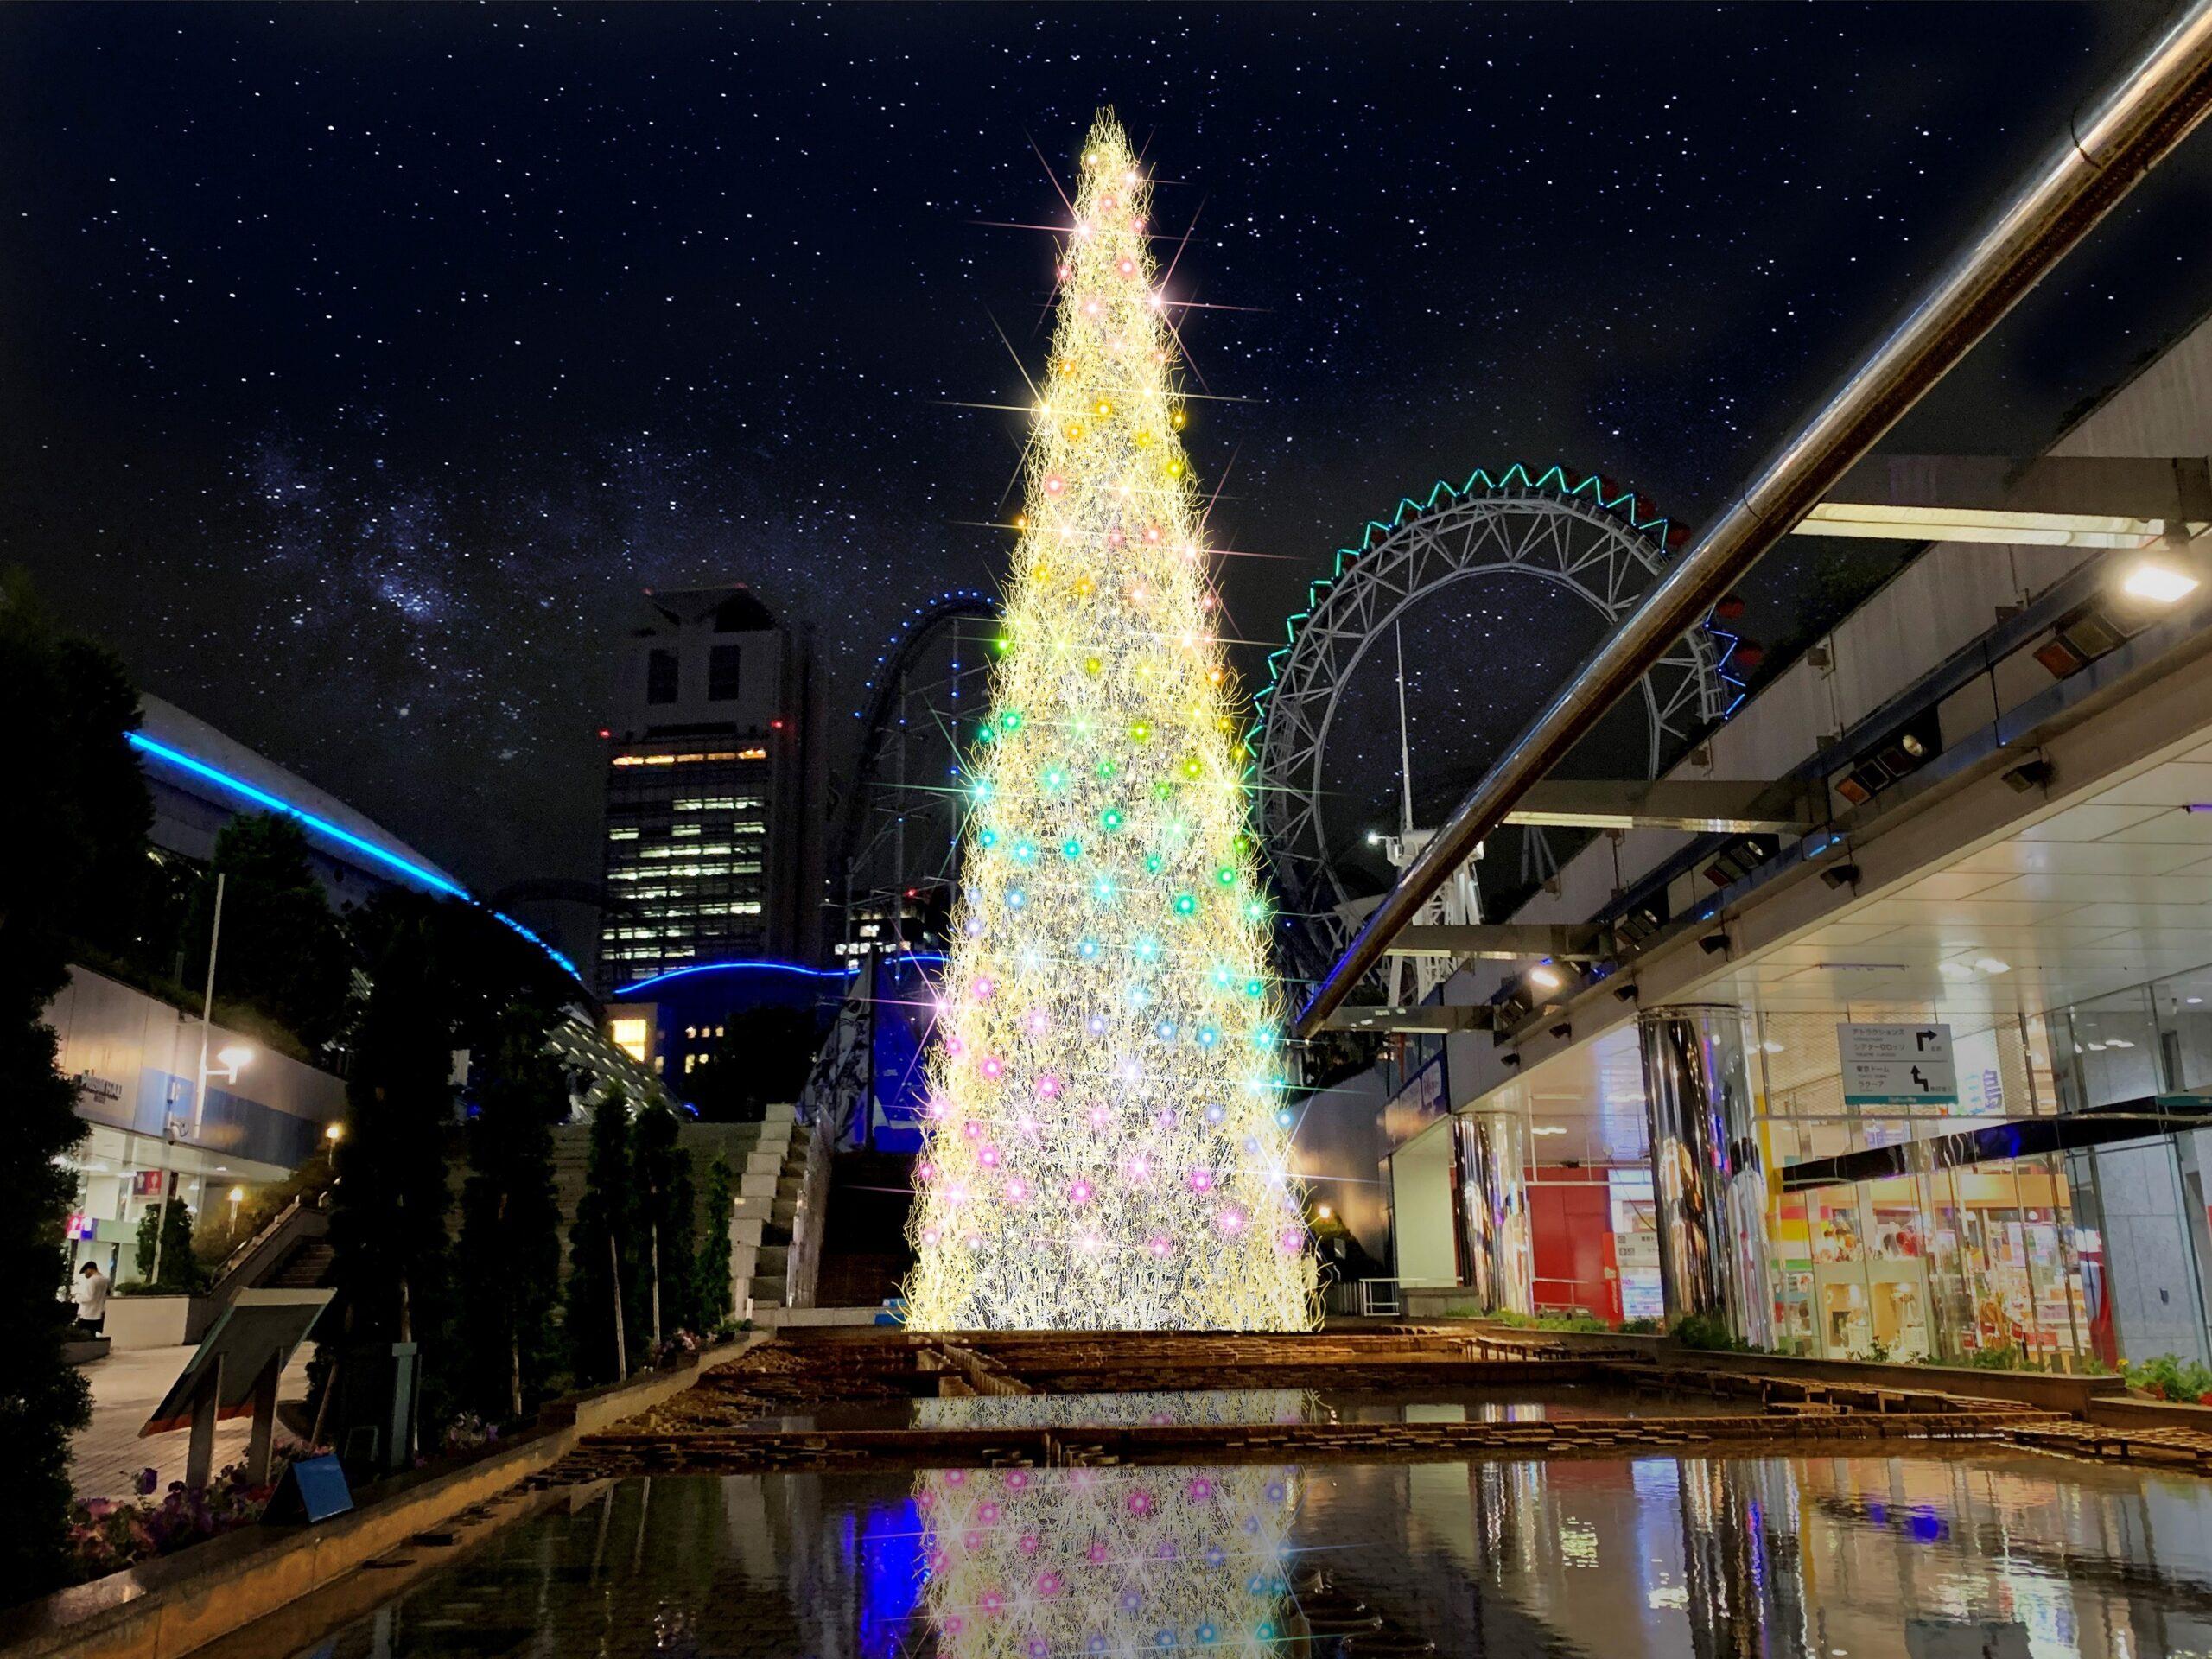 23万球のツリーが東京ドームシティの冬を彩る 「東京ドームシティ ウインターイルミネーション」